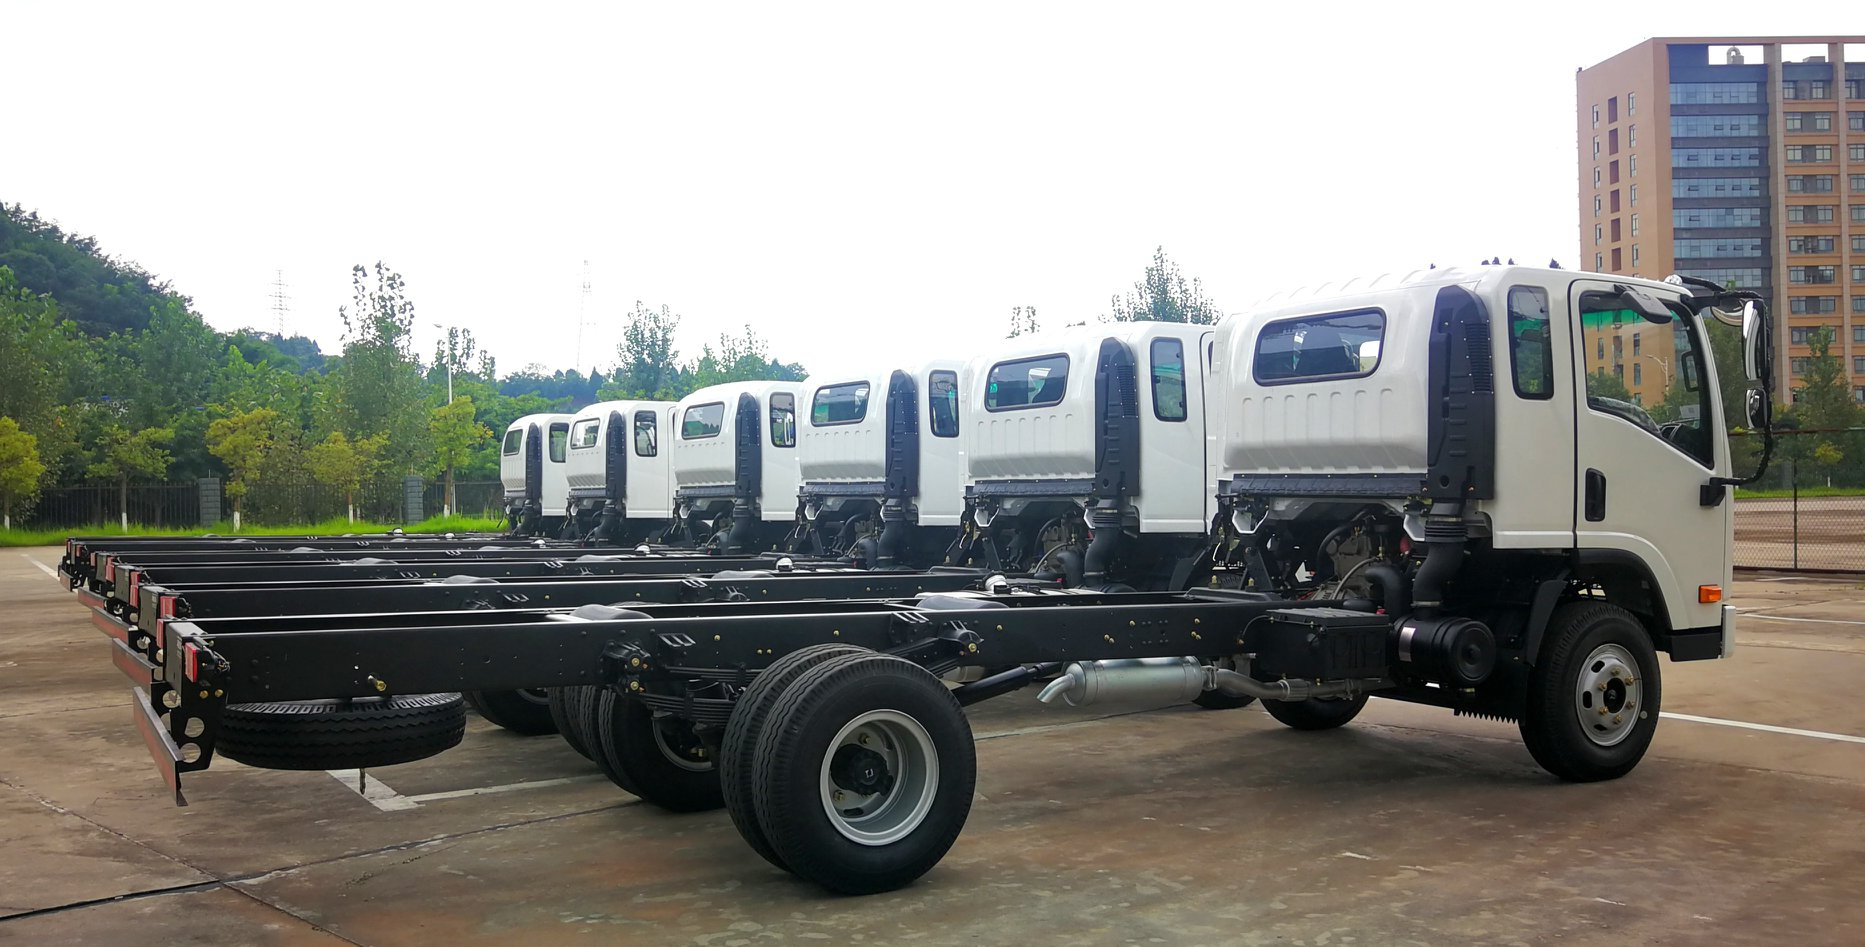 6-eenheden-van-cnj-8-ton-vrachtwagens-met-yuchai-130-pk-diesel-motoren-zijn-onderweg-naar-el-salvador--2-8-2019--5